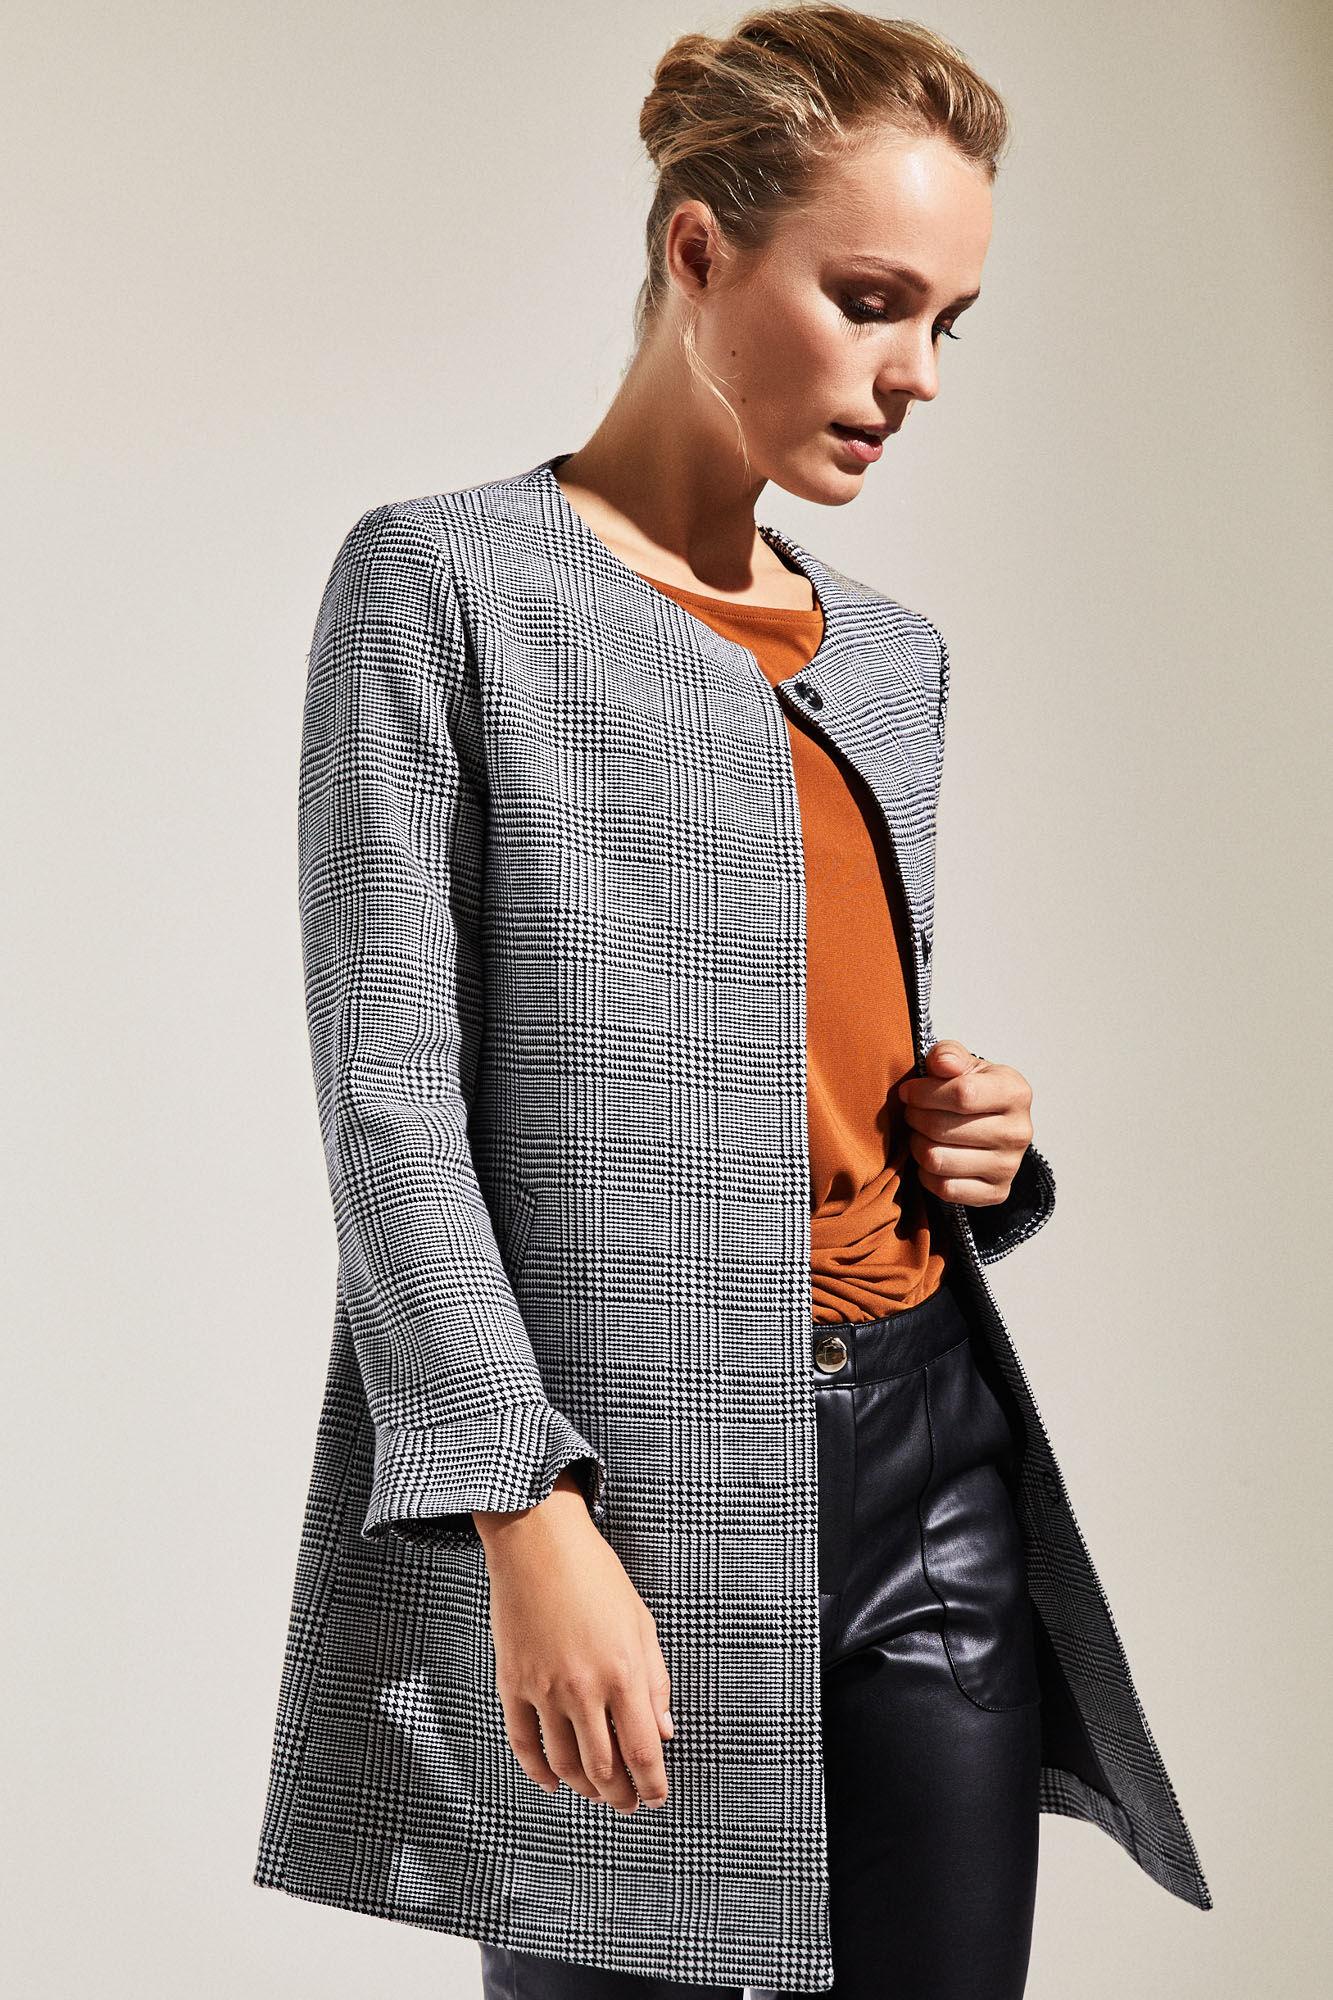 Oversize Mujer Swn7gqsrzx Swn7gqsrzx Swn7gqsrzx Zara Zara Mujer Zara Abrigo Abrigo Oversize Oversize Mujer Abrigo SxX15fwq5